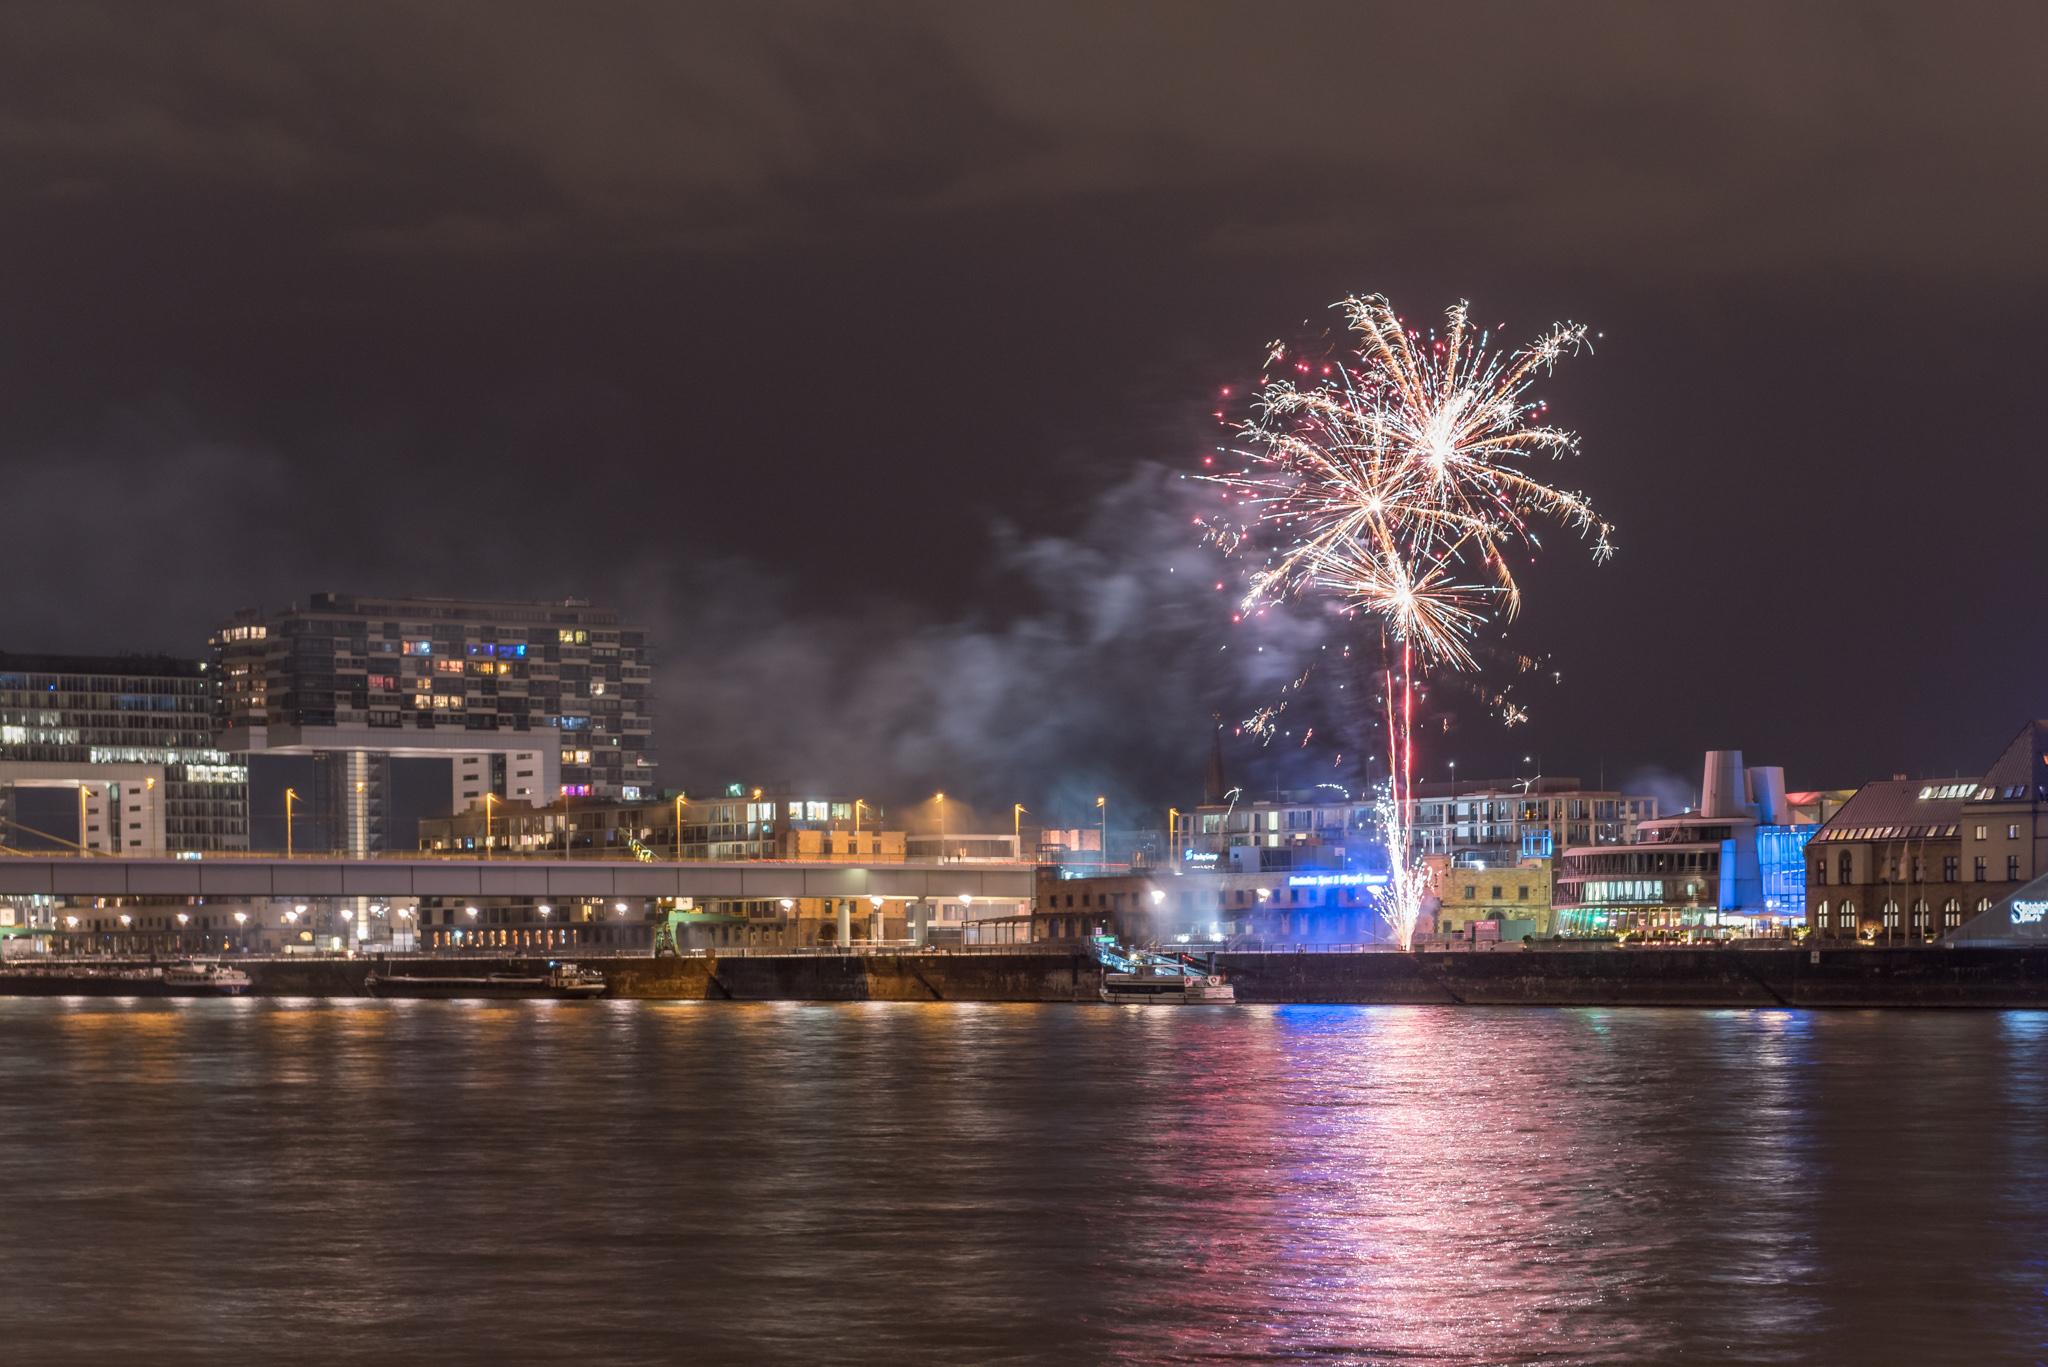 2017-07-28 Nachtkurseindrücke mit Feuerwerk in Köln